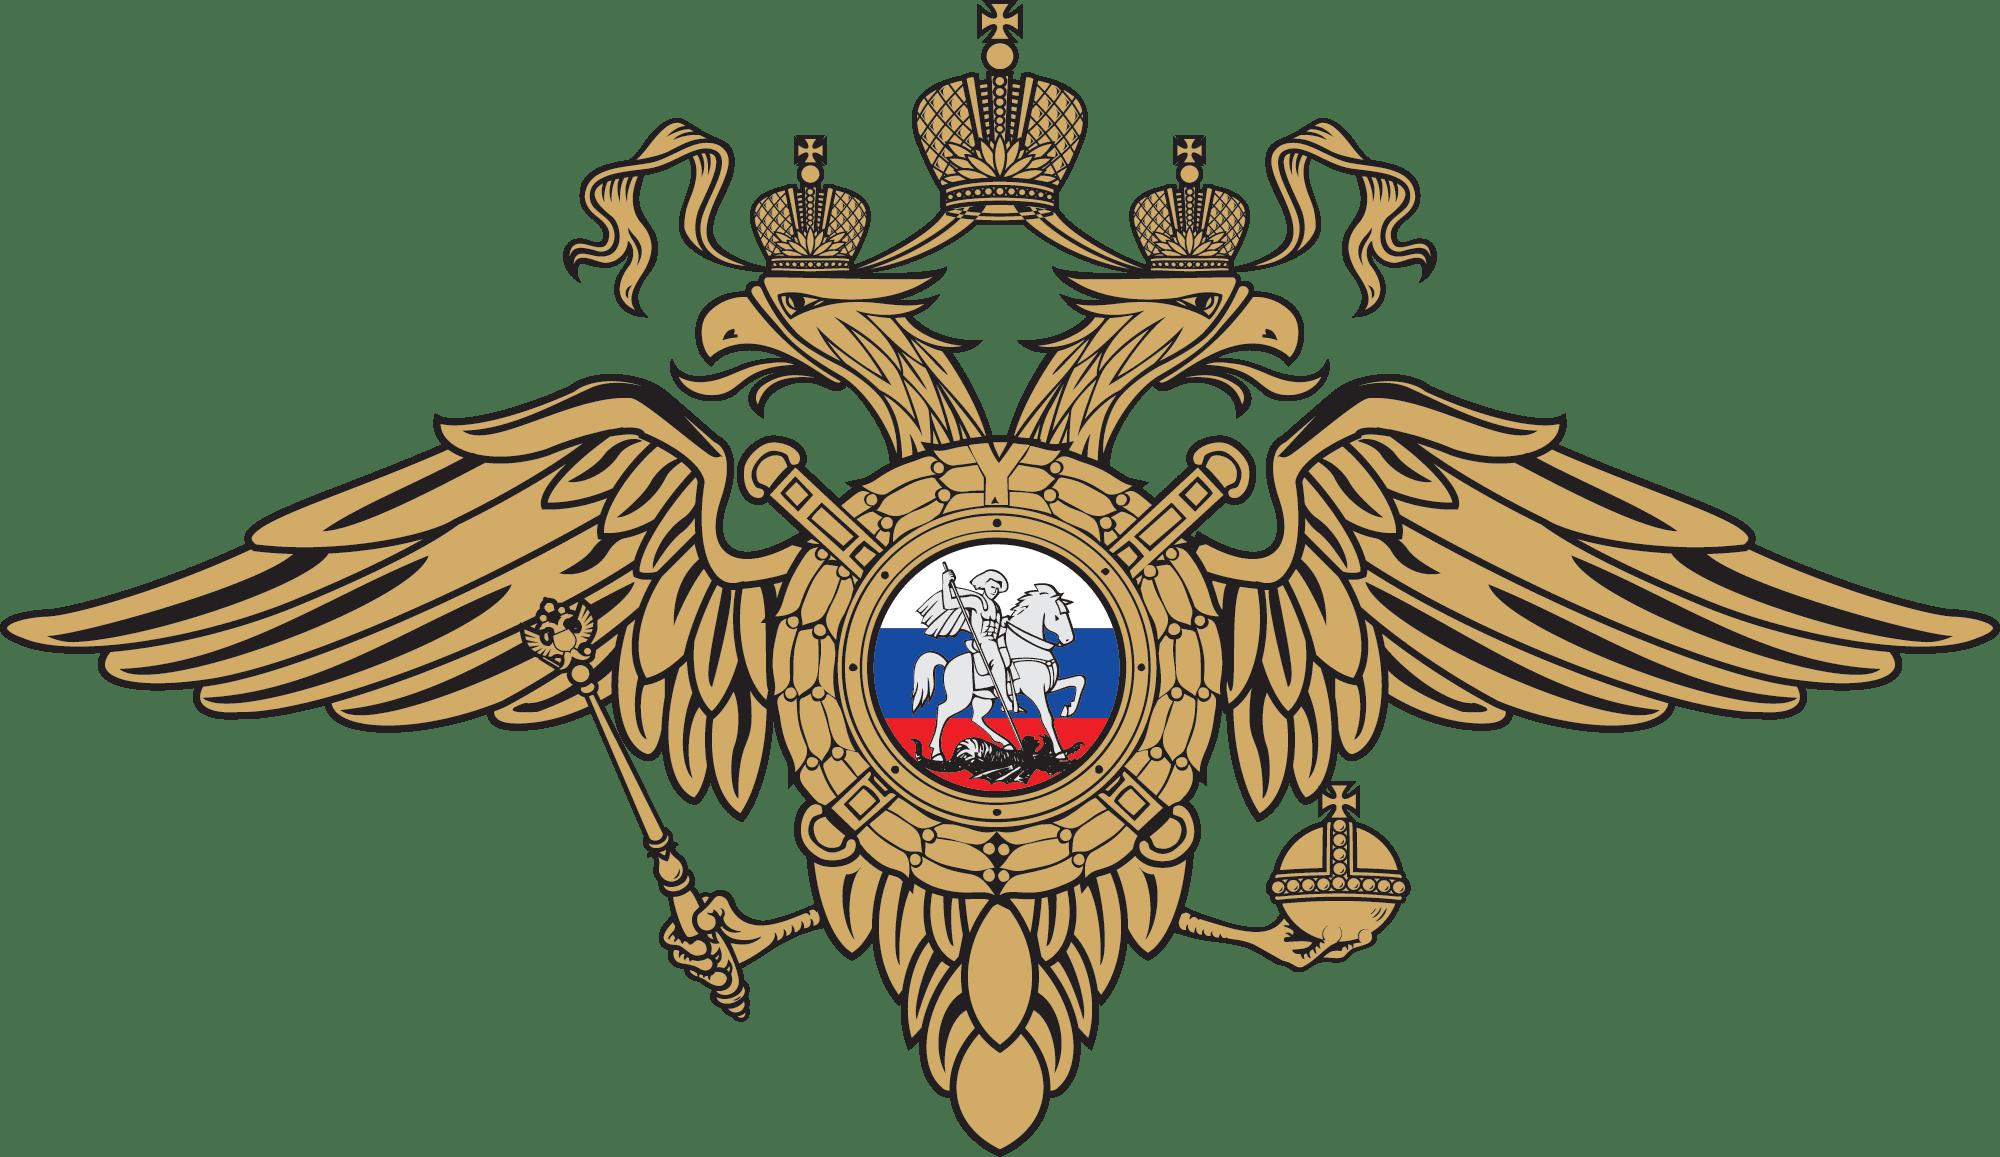 удочку министерство внутренних дел российской федерации это требования брудеру